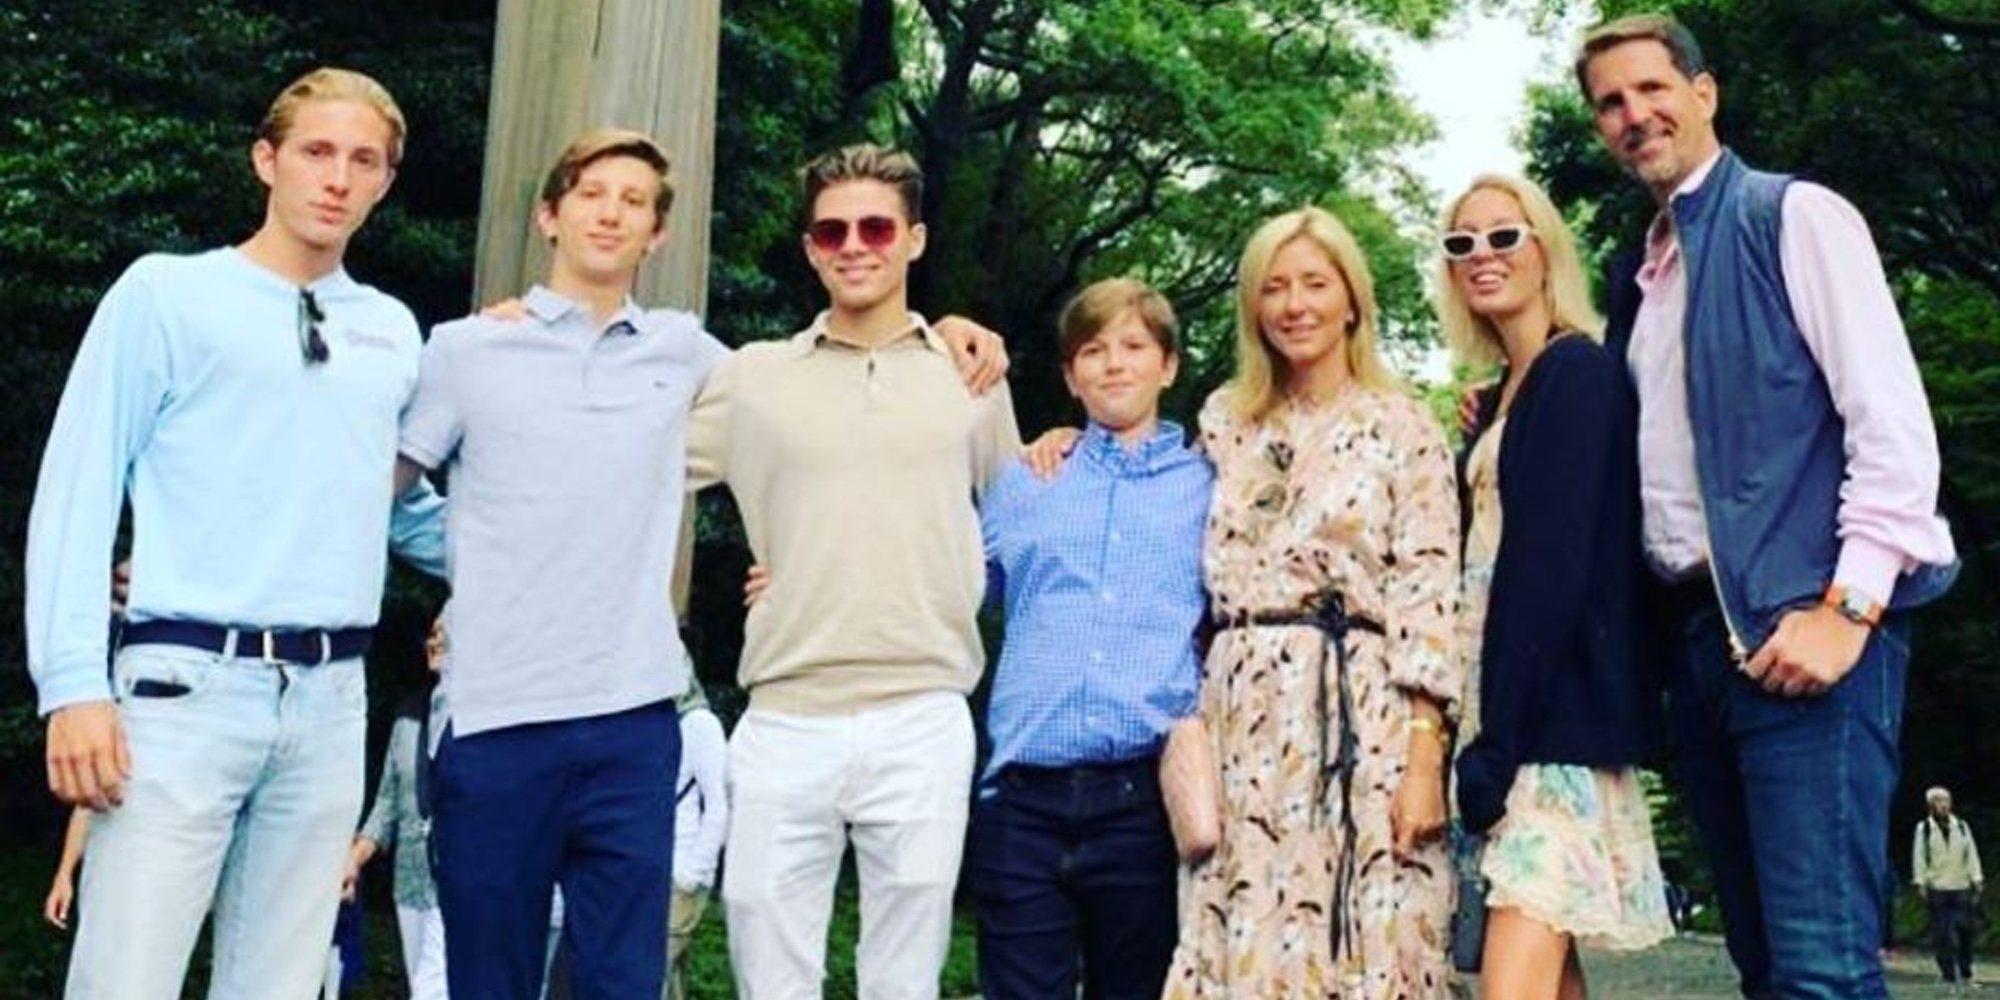 Pablo y Marie Chantal de Grecia, vacaciones de cultura y diversión con sus 5 hijos en Japón